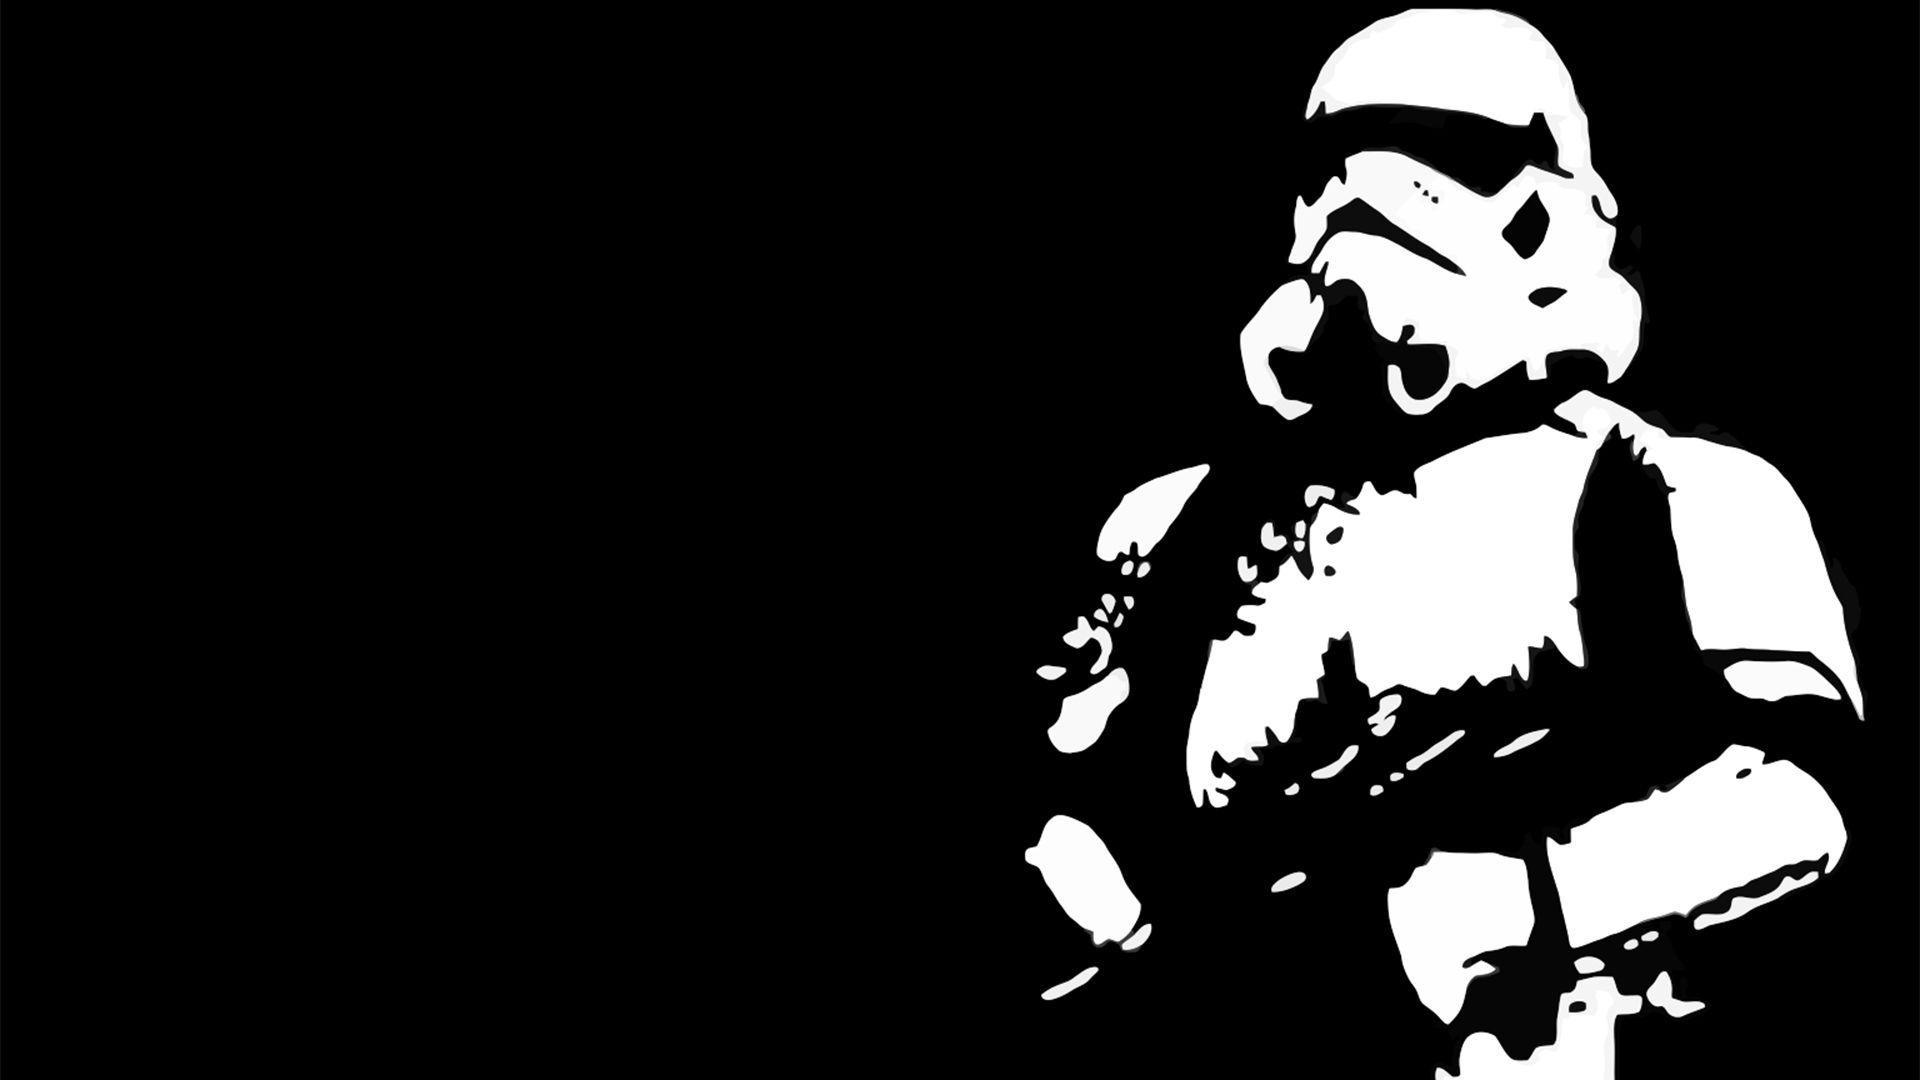 Wallpaper At Concord 1080p Star Wars Logo Wallpaper